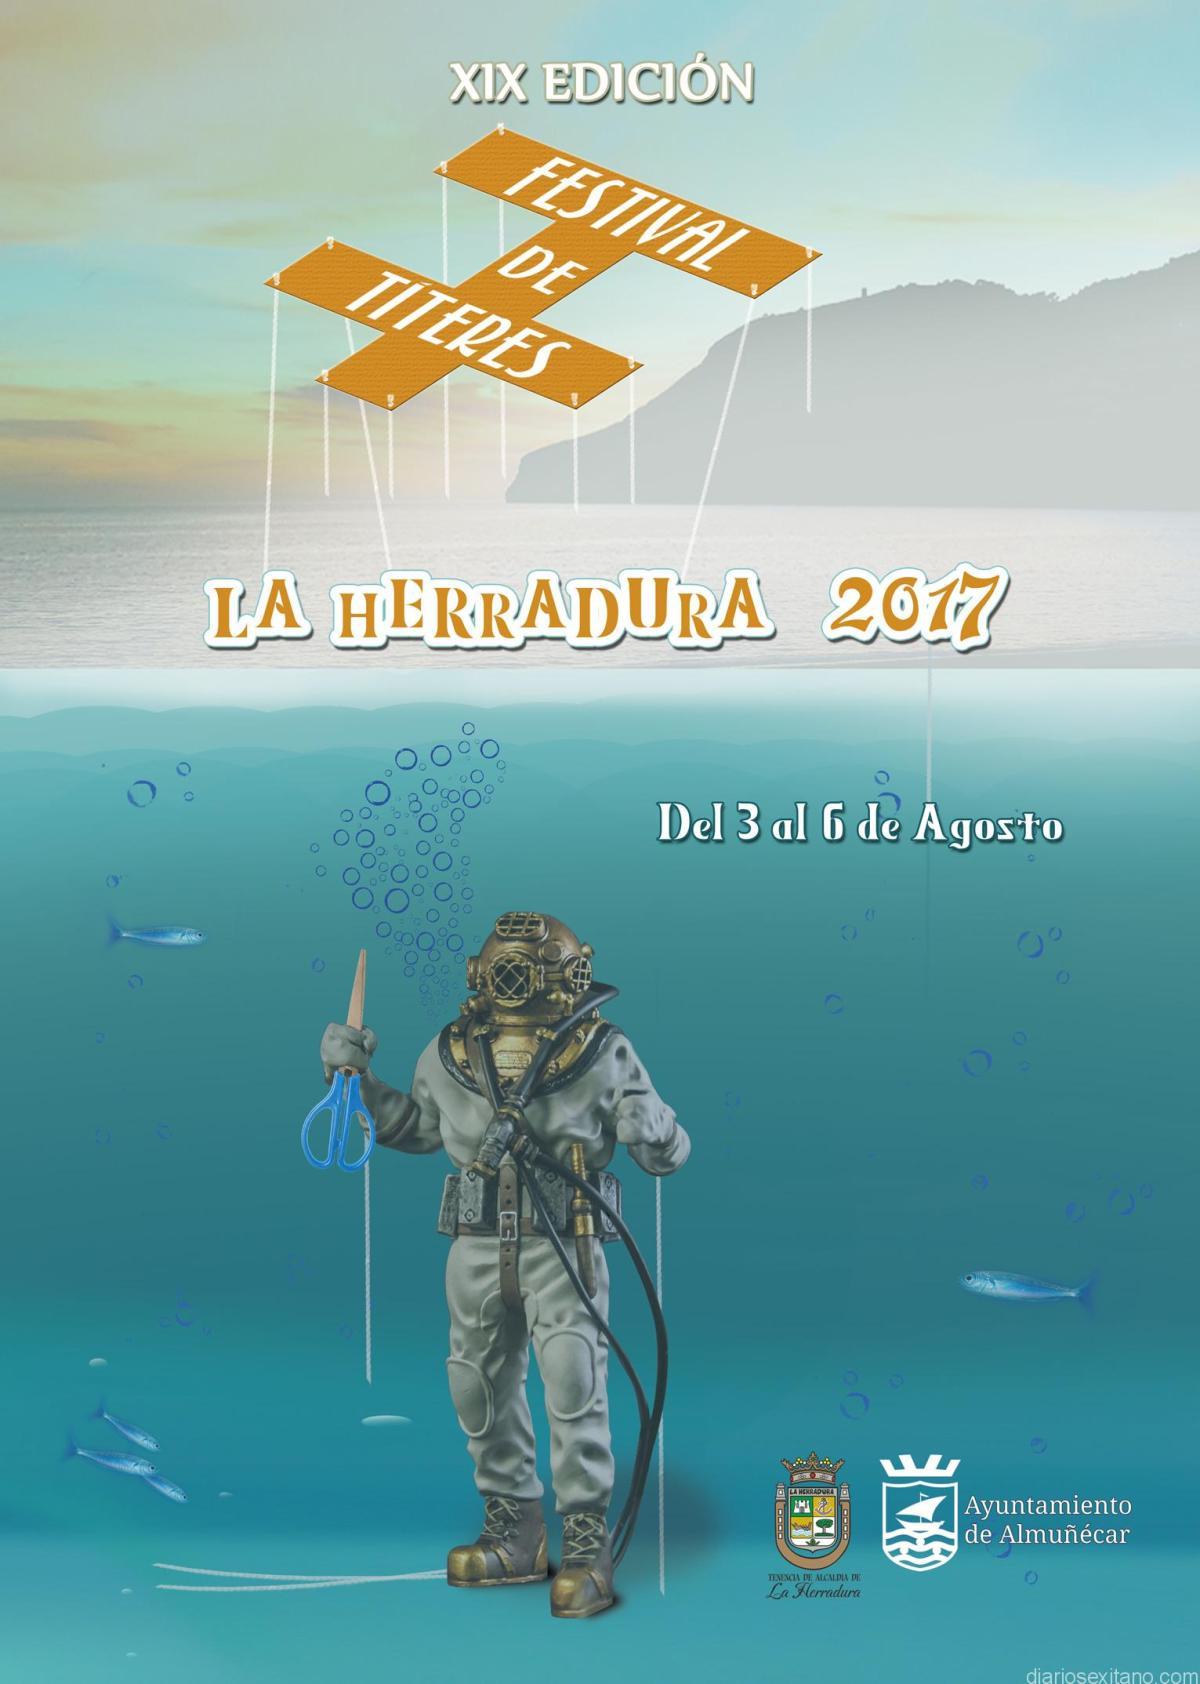 Hoy arranca en La Herradura el XIX Festival de Títeres